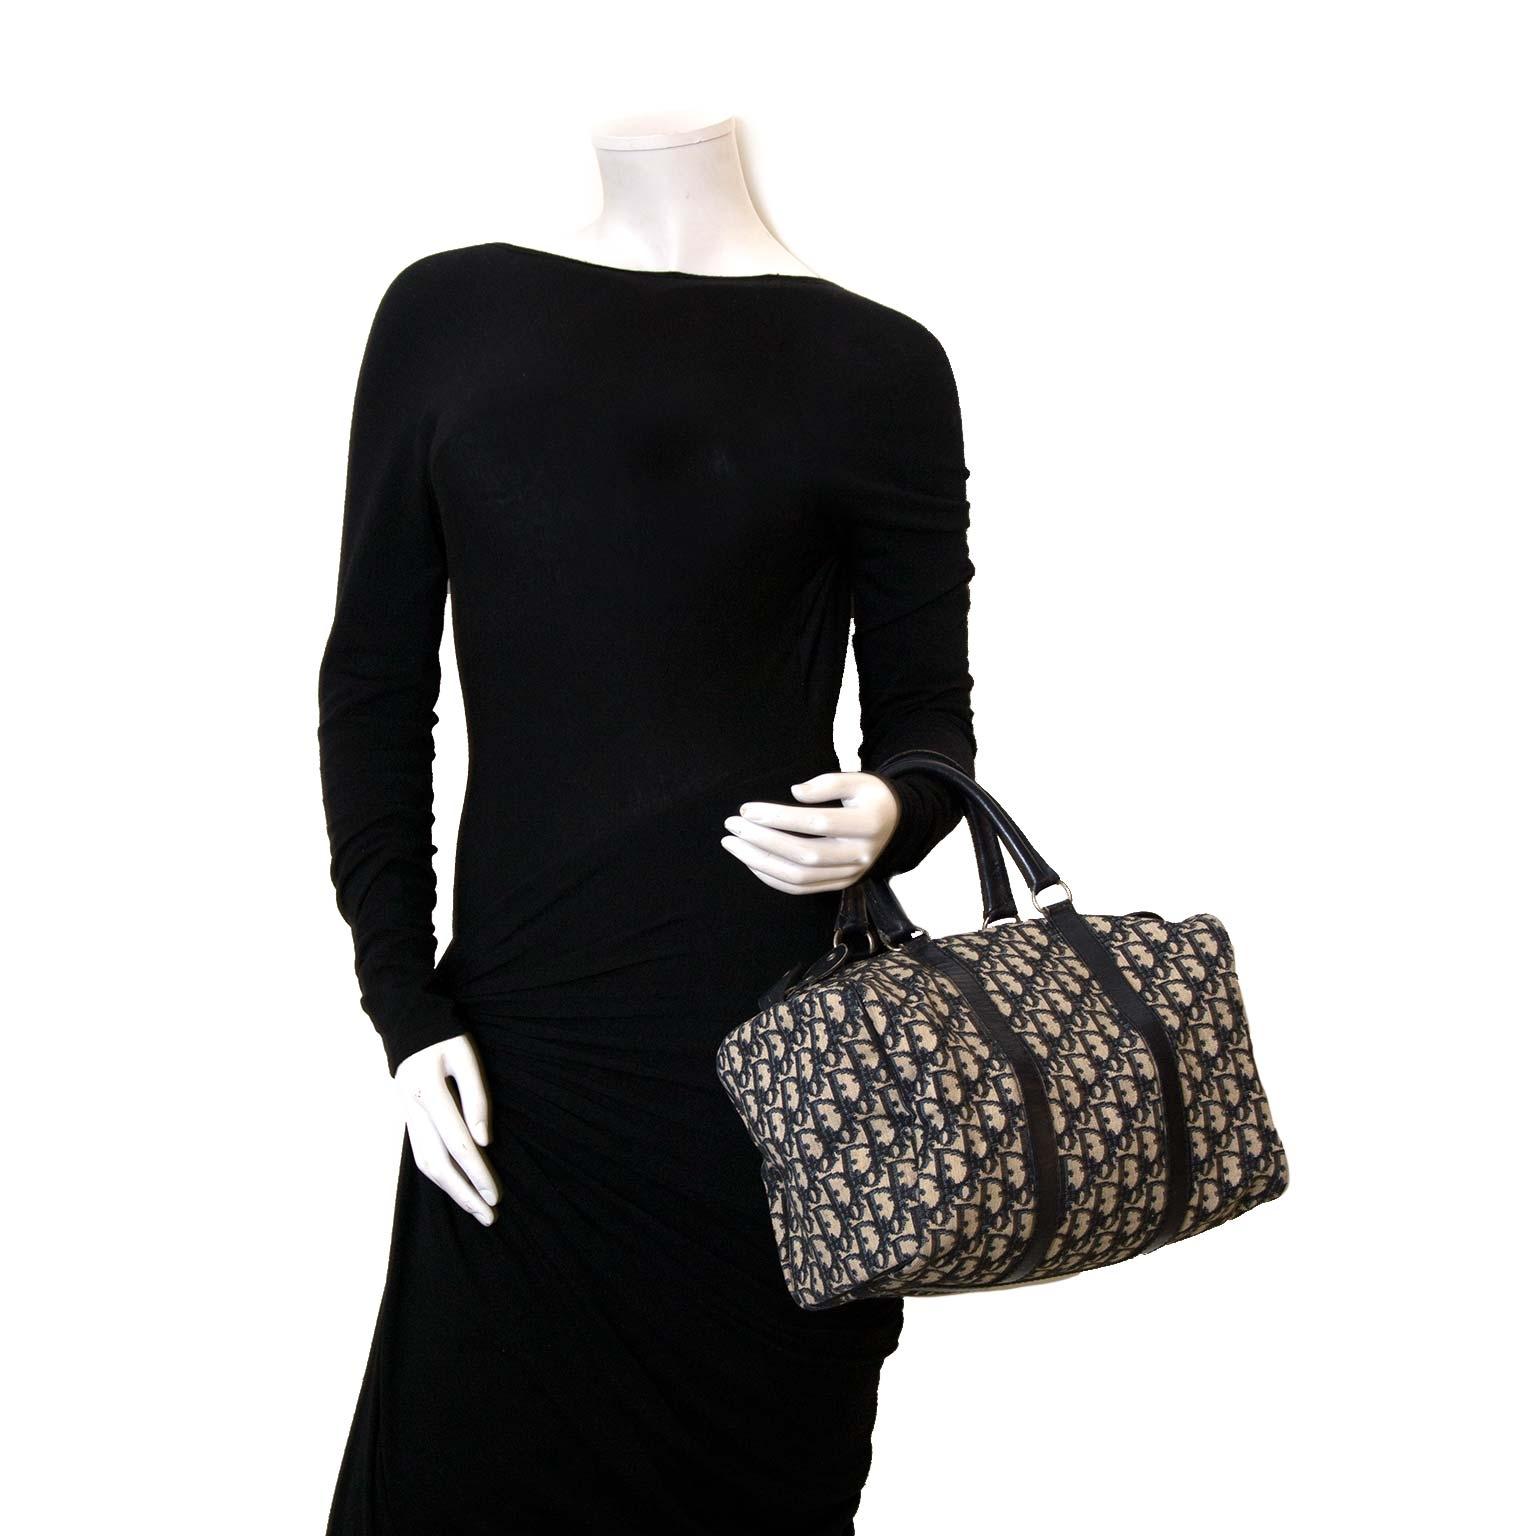 Koop authentieke Dior Boston tas nu online bij Labellov webshop